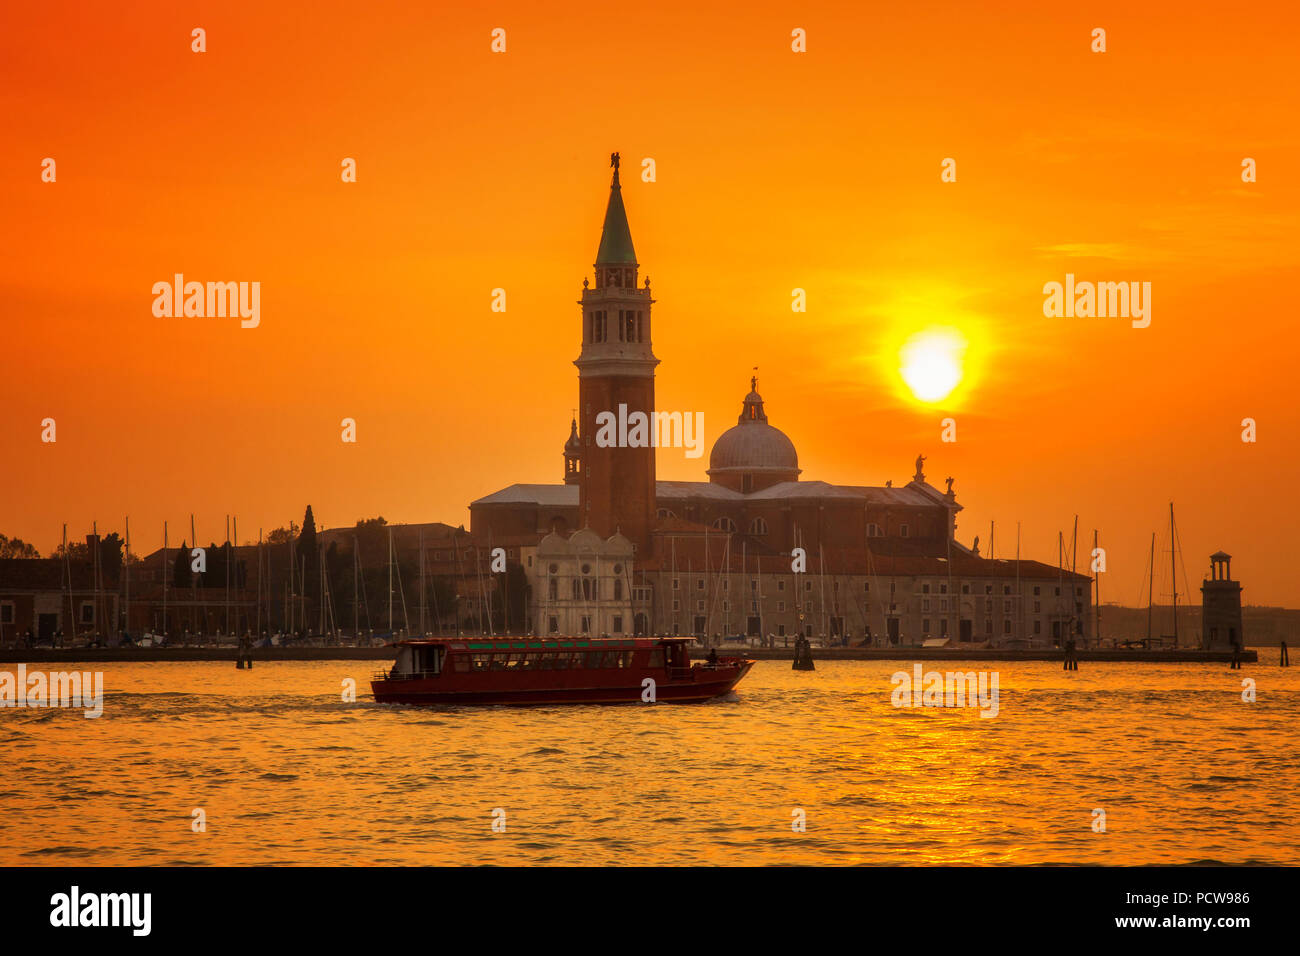 Venice's San Giorgio Maggiore island under a setting sun Stock Photo